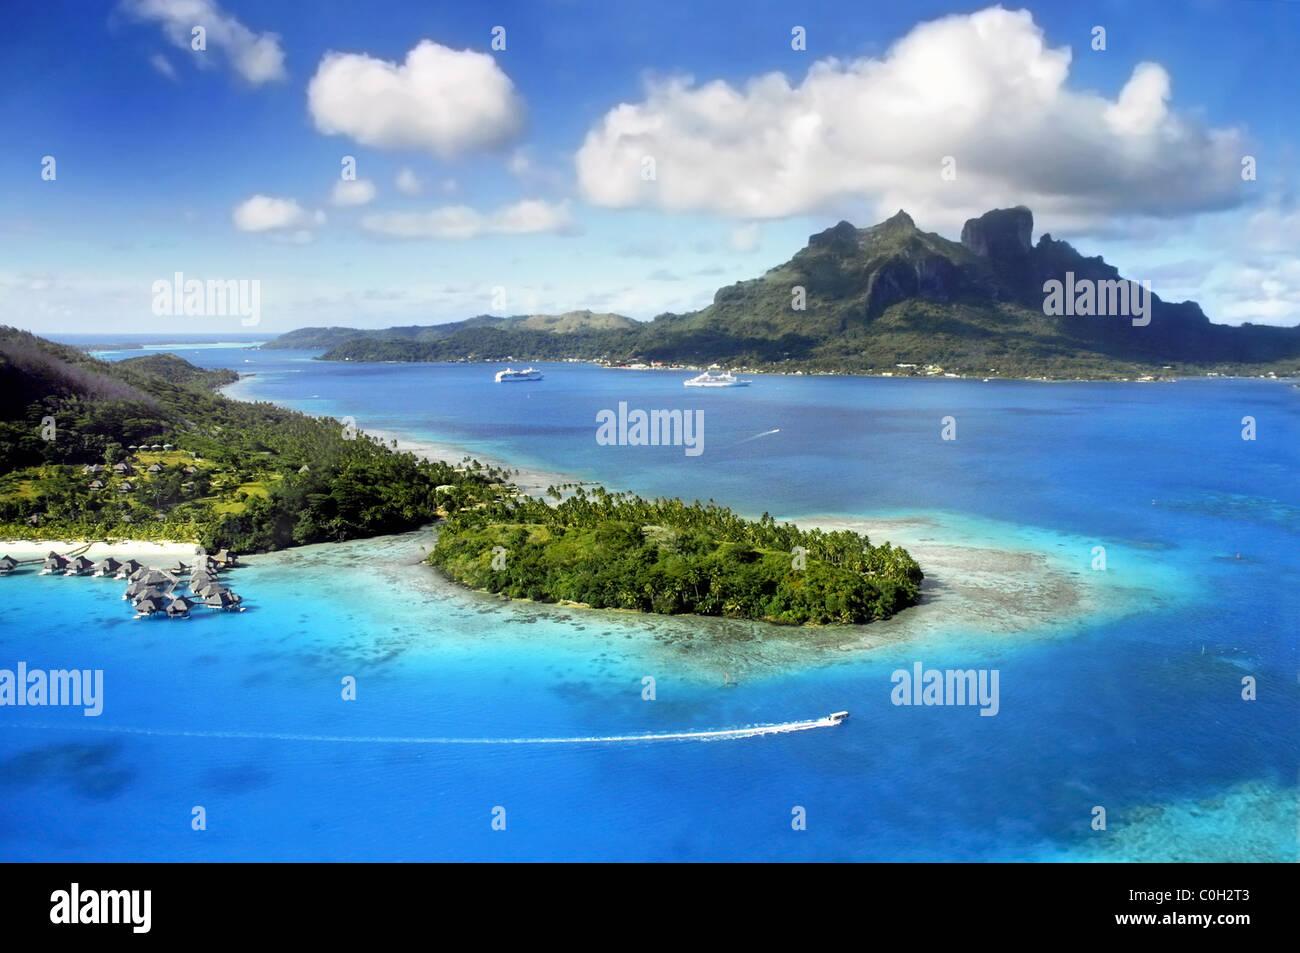 Vue aérienne de Bora Bora avec le Mont Otemanu en arrière-plan et de récifs coralliens. Photo Stock